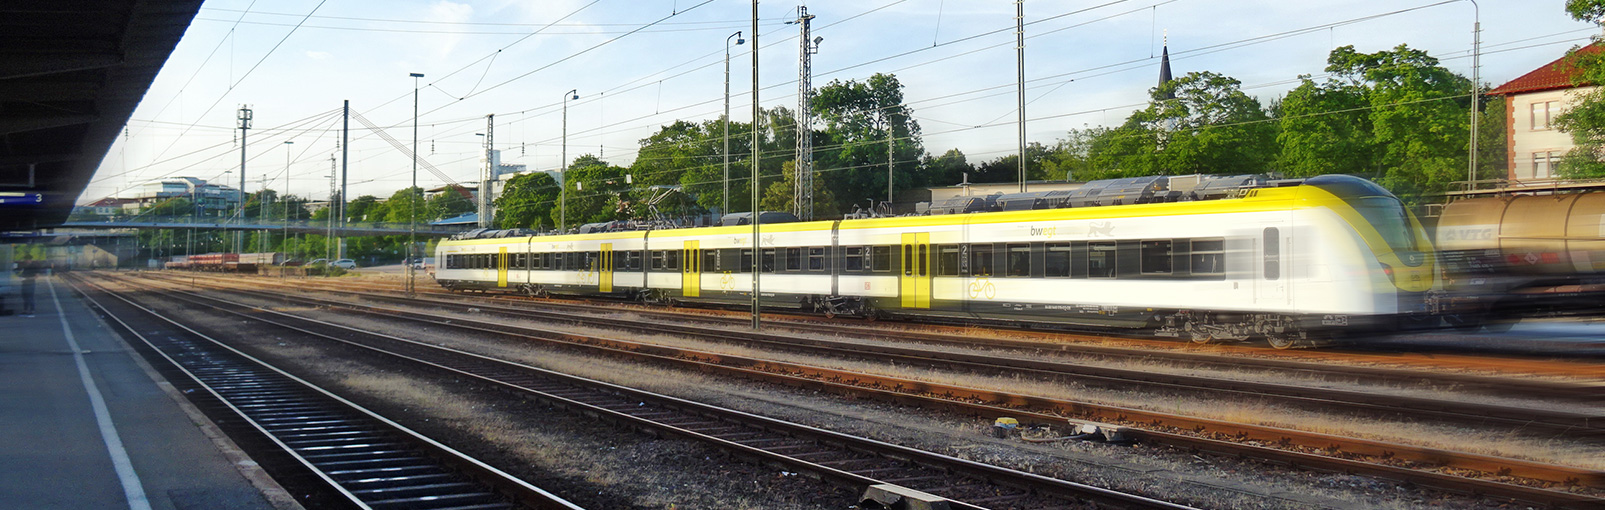 Breisgau-S-Bahn